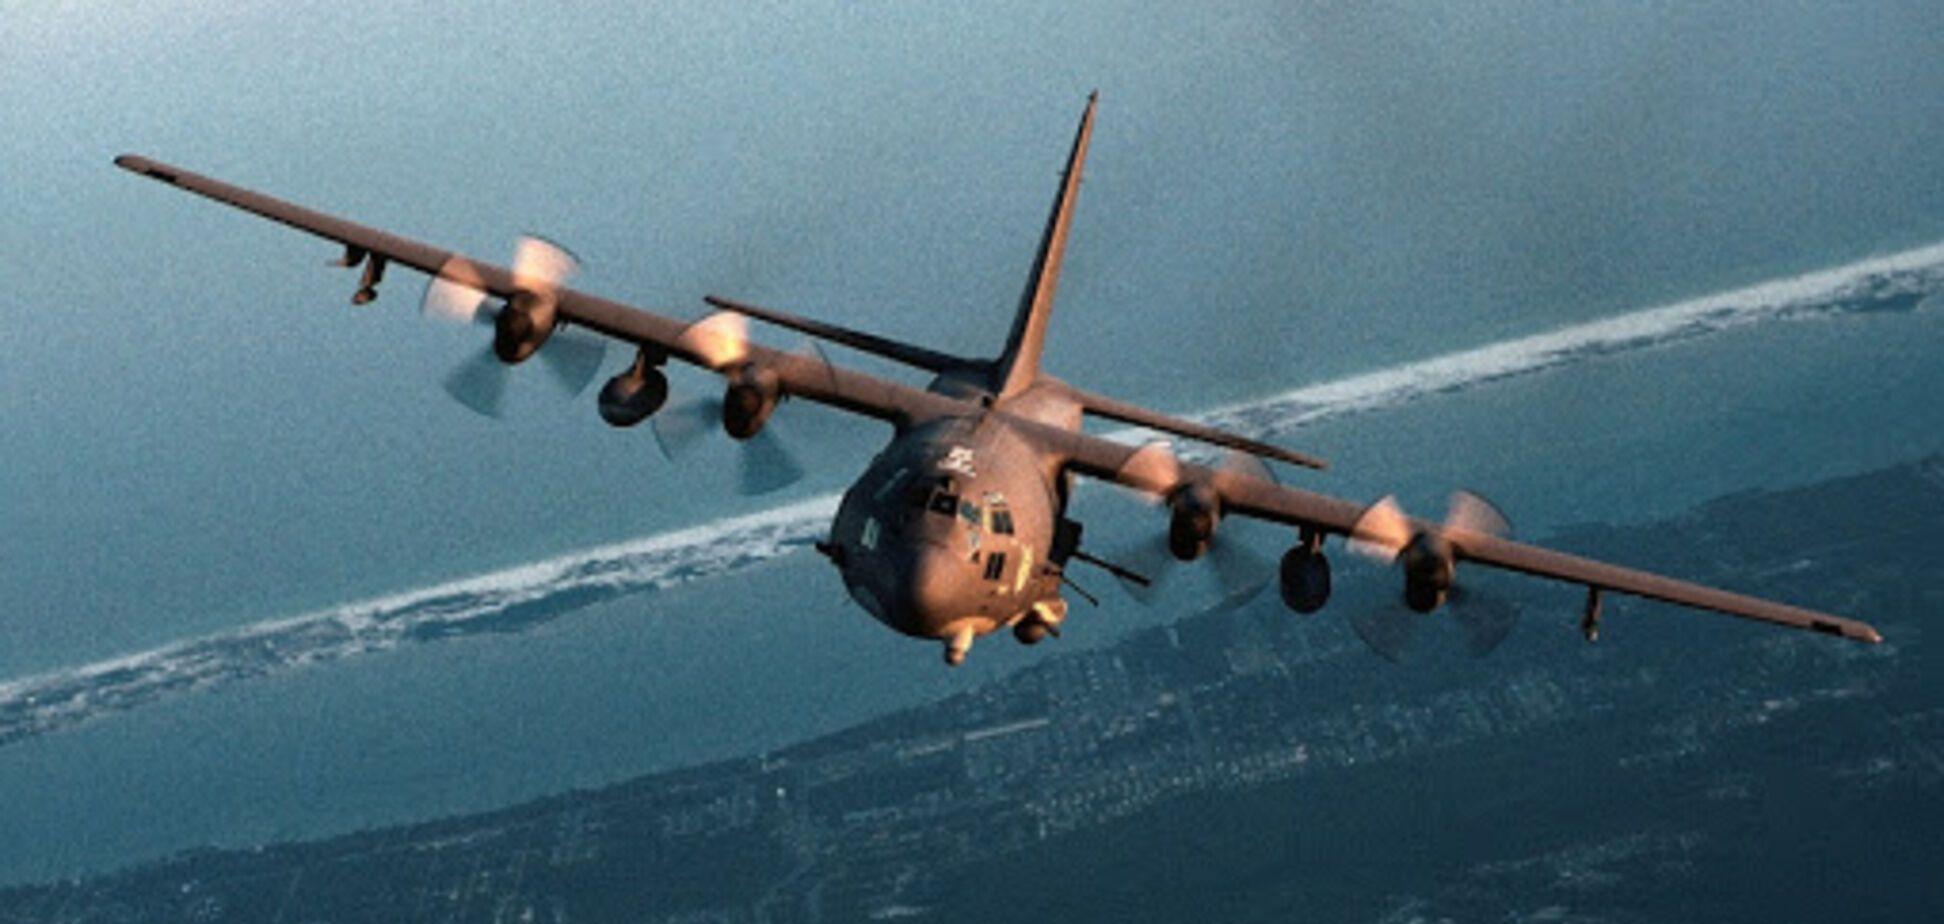 Военный самолет США врезался в стену и загорелся в Ираке: есть пострадавшие